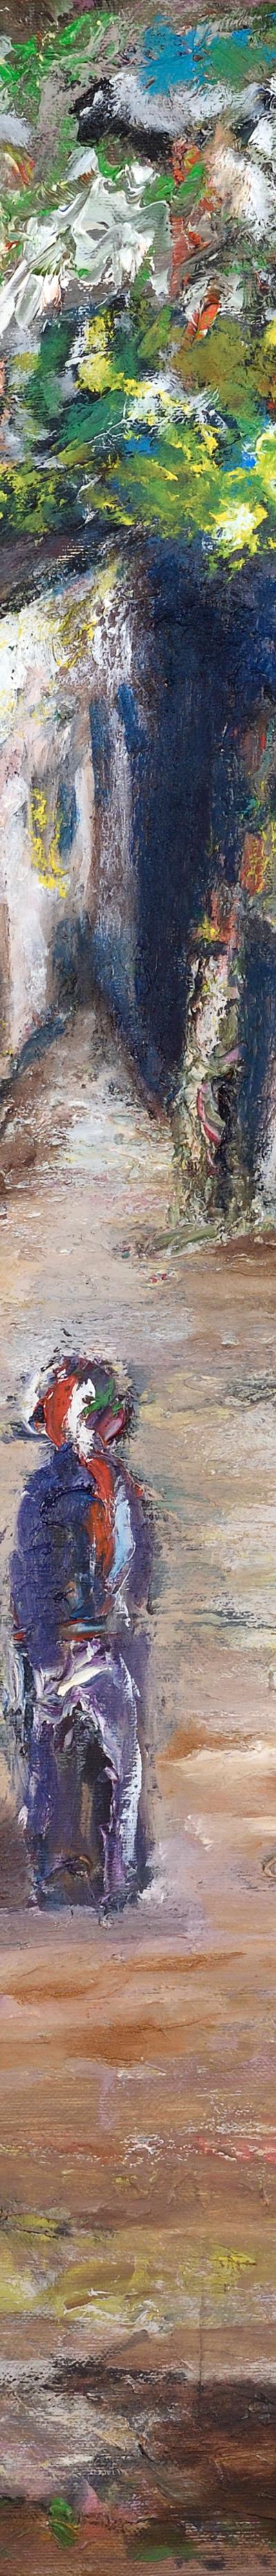 souk 70x70 cm, oil on canvas